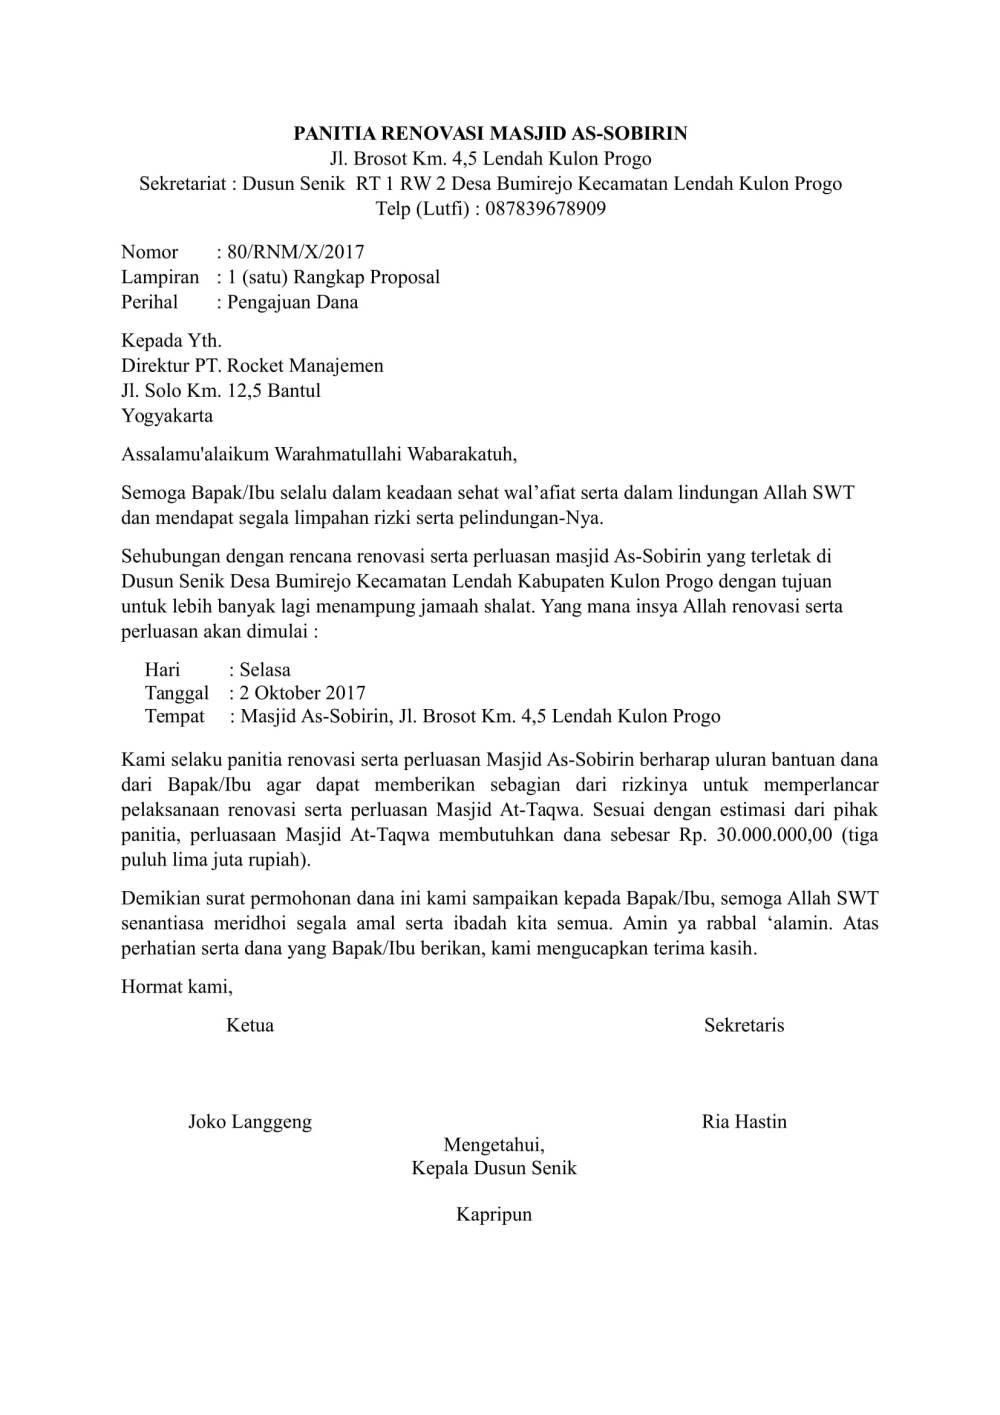 2. Contoh Surat Pengajuan Dana Operasional Perusahaan